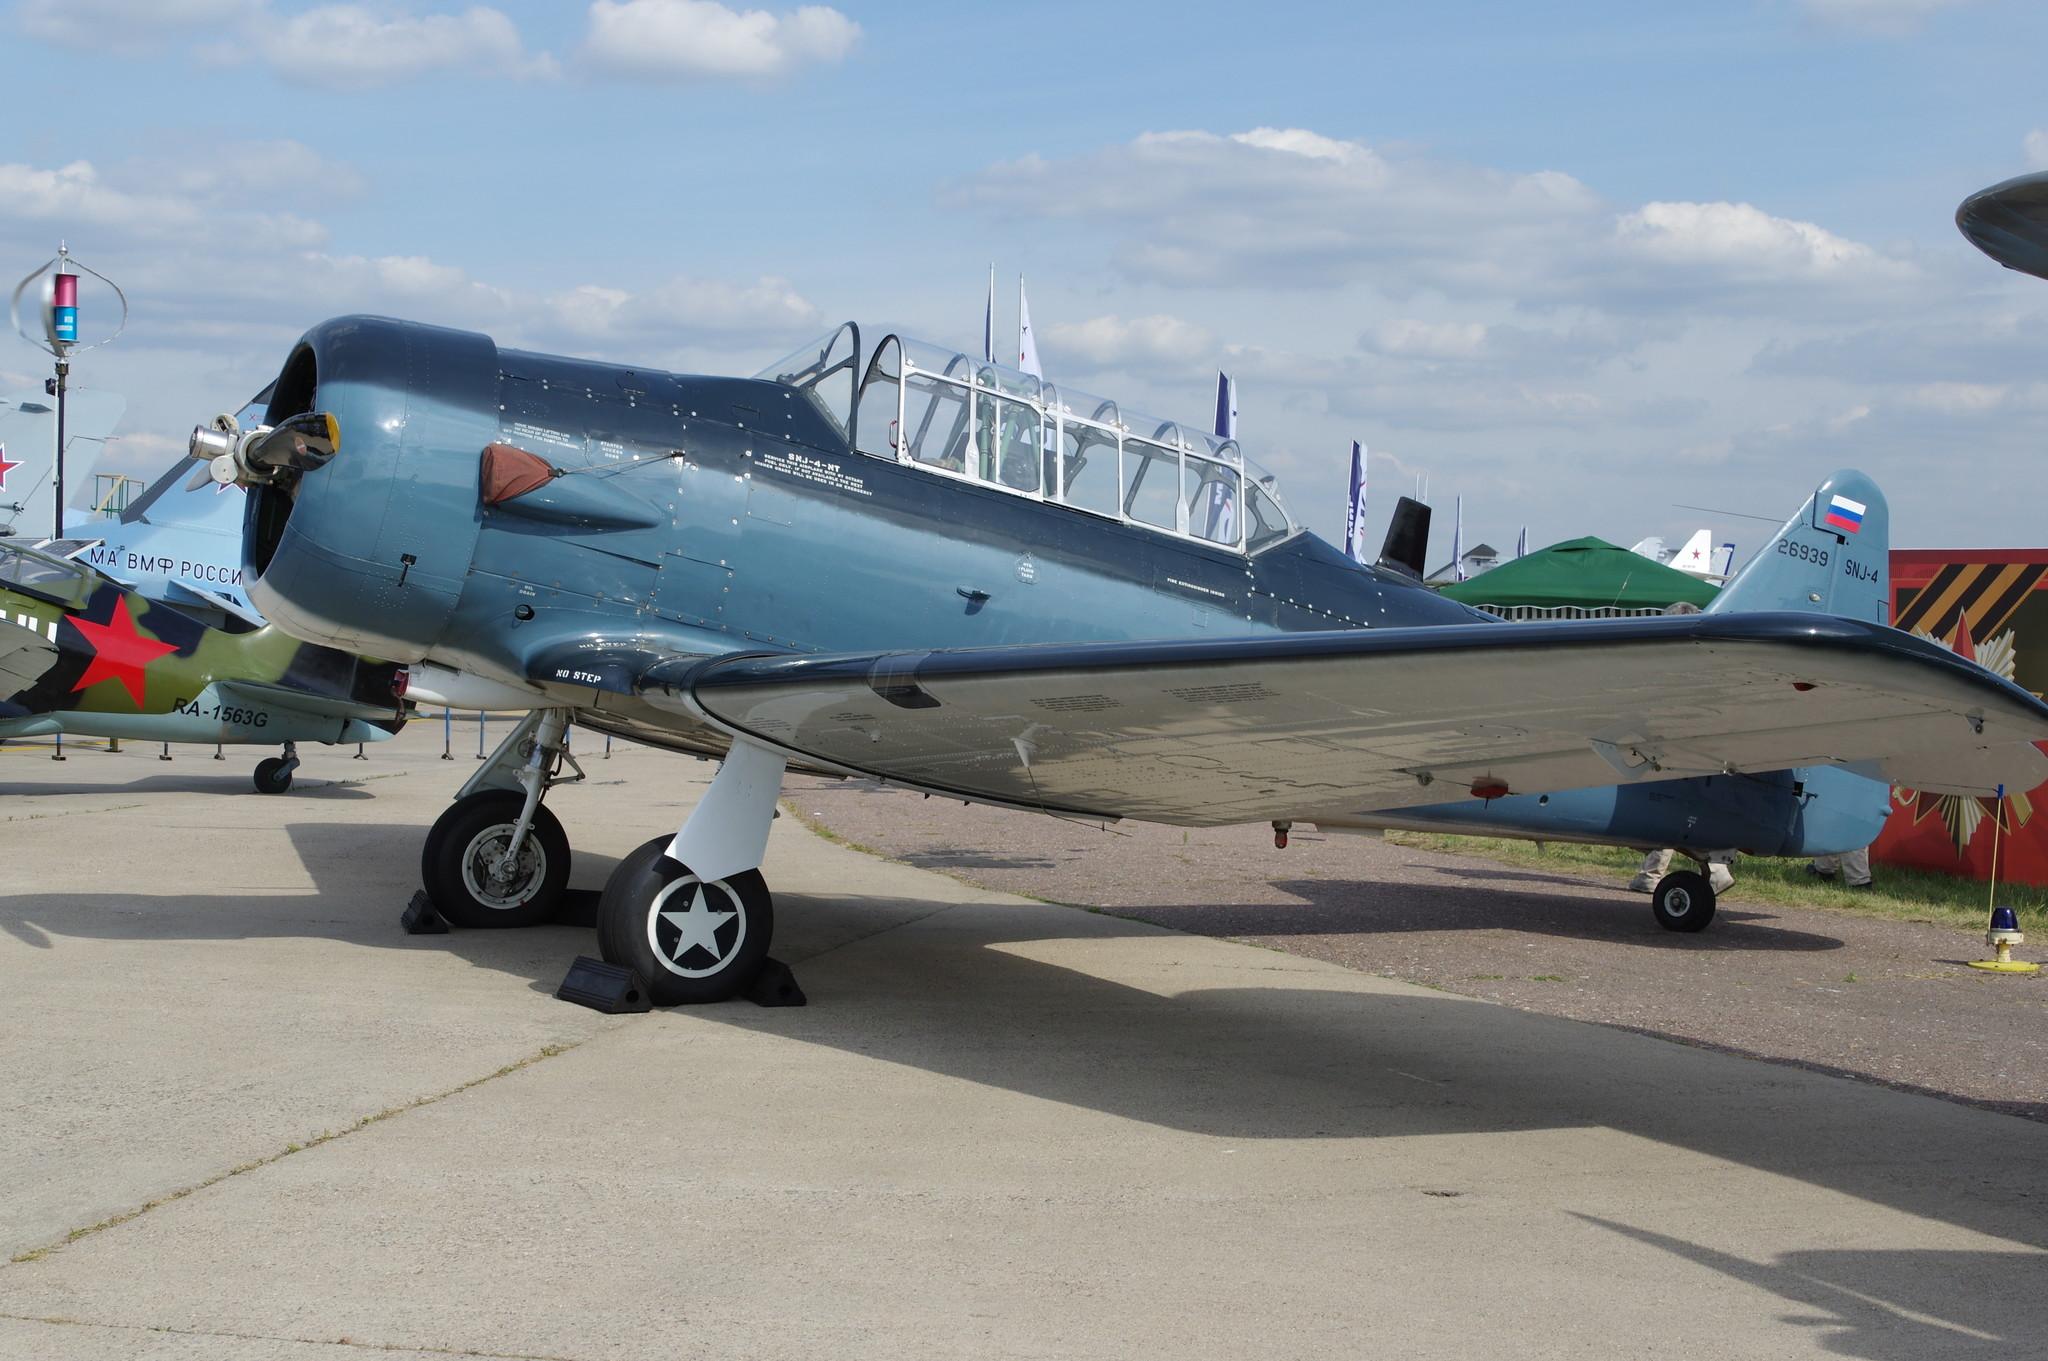 Американский лёгкий учебный самолёт T-6 Texan